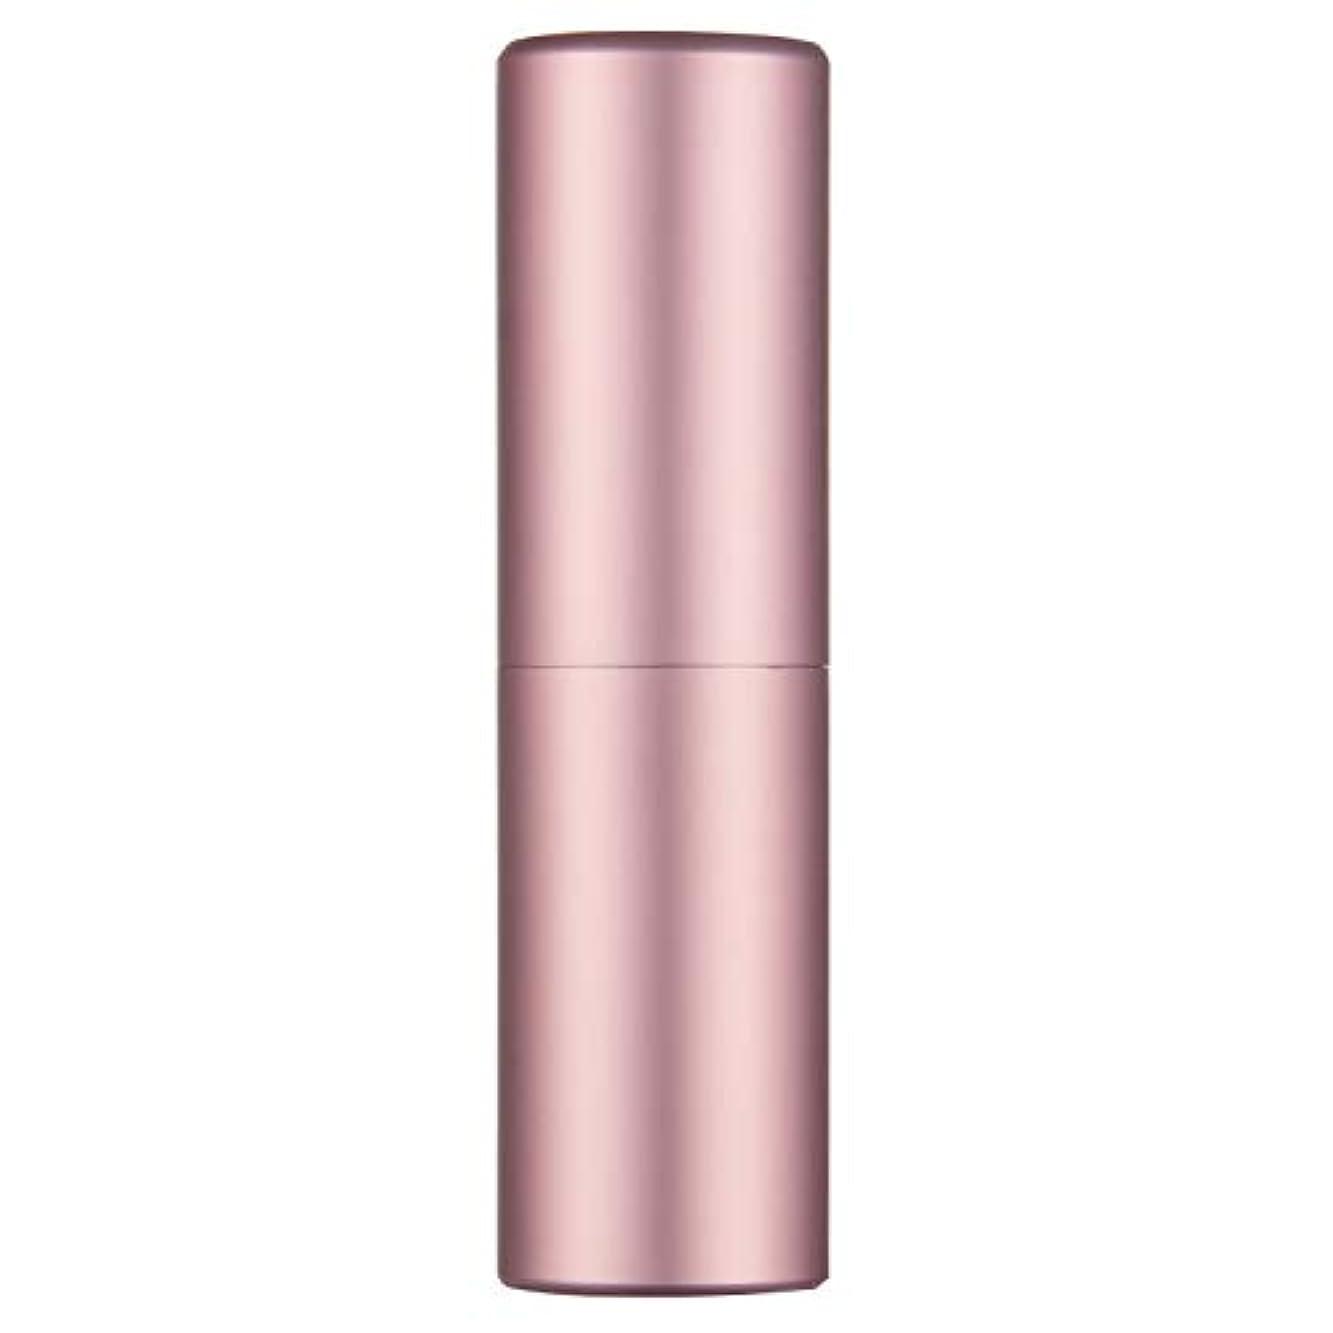 ナイトスポットペン大腿アトマイザー 香水ボトル 香水瓶 20ml 詰め替え容器 レディース スプレーボトル ミニ漏斗付き (ピンク)